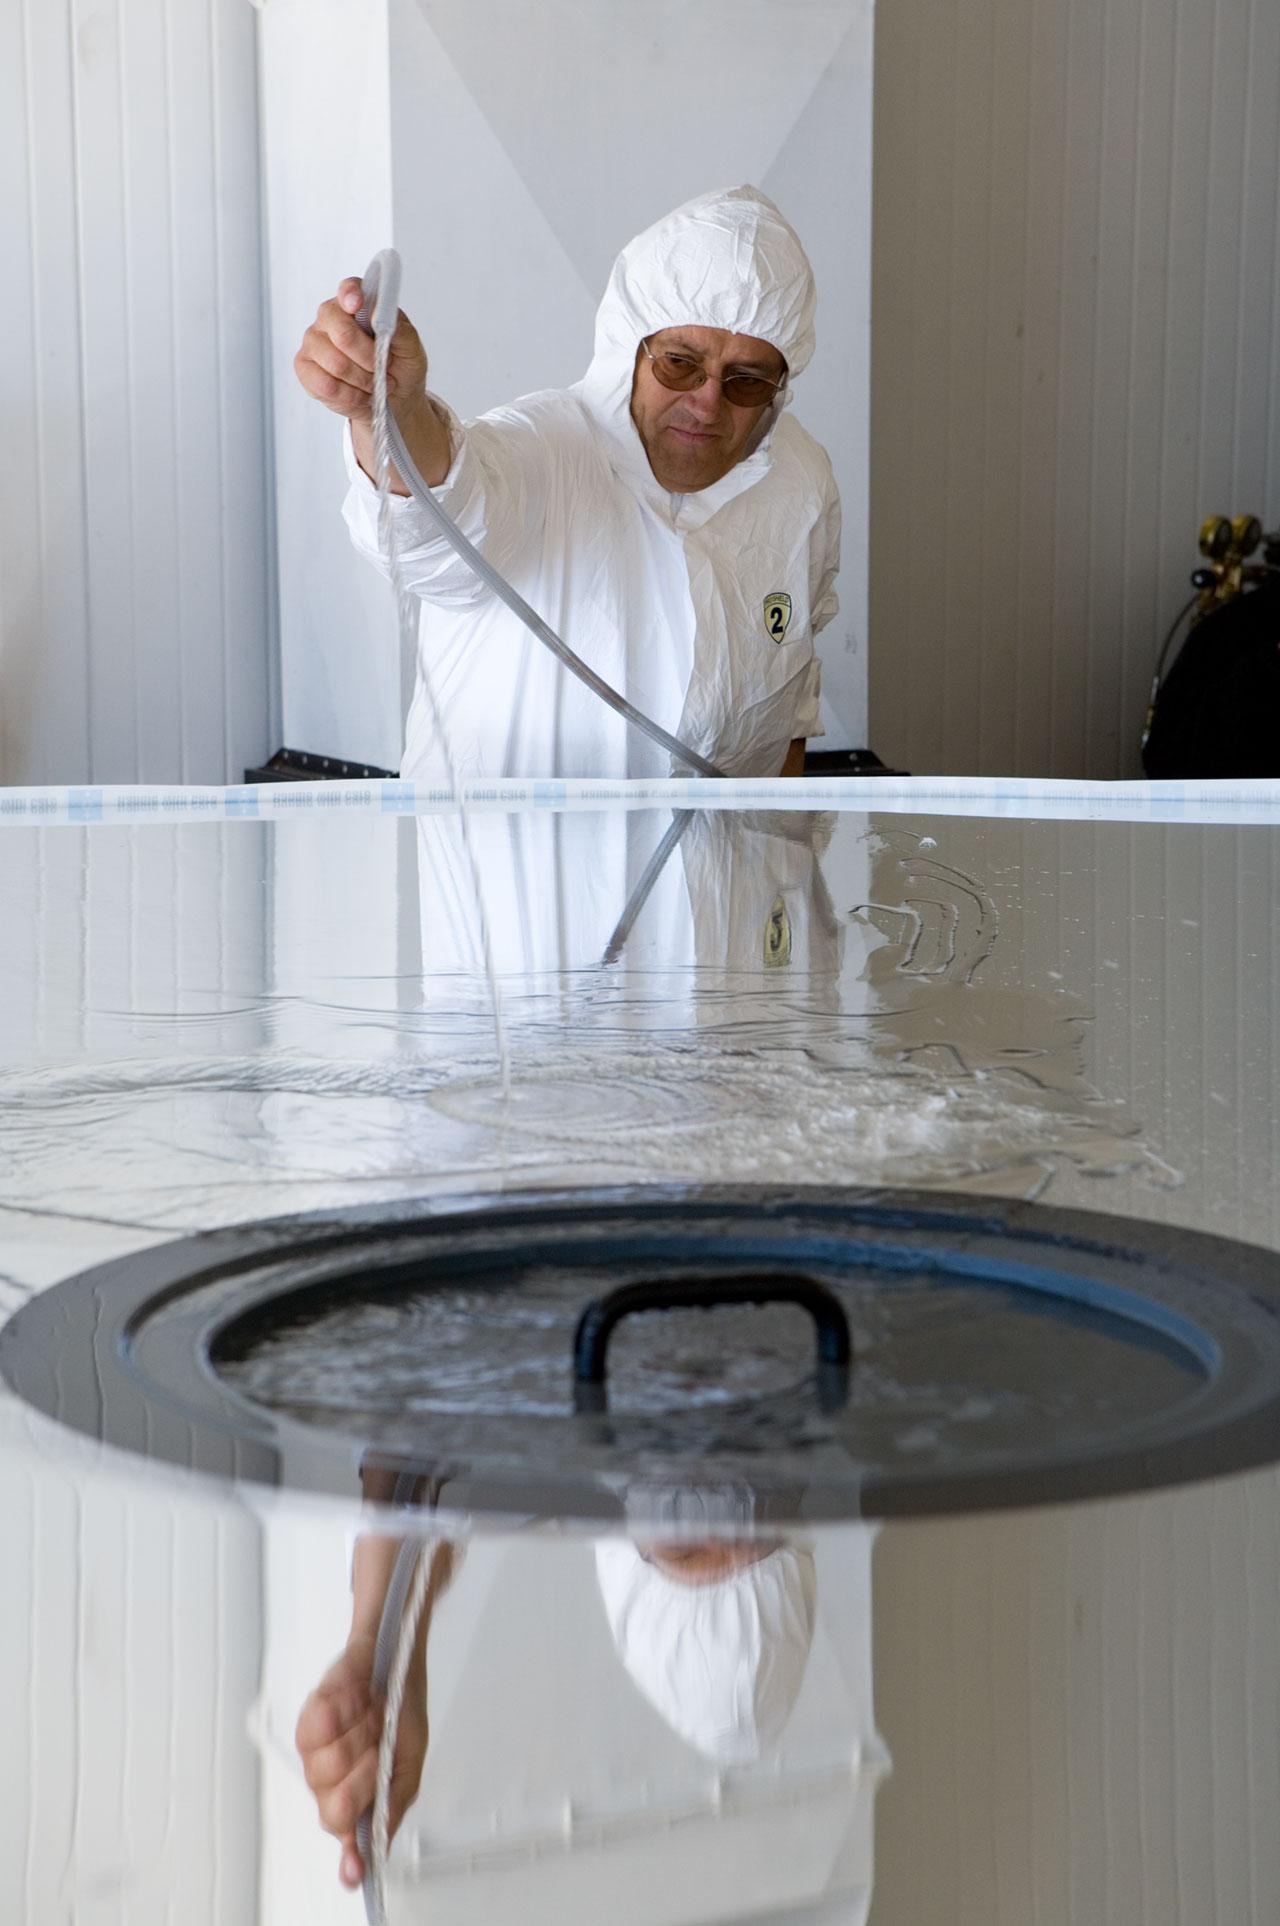 Washing NTT M1 mirror